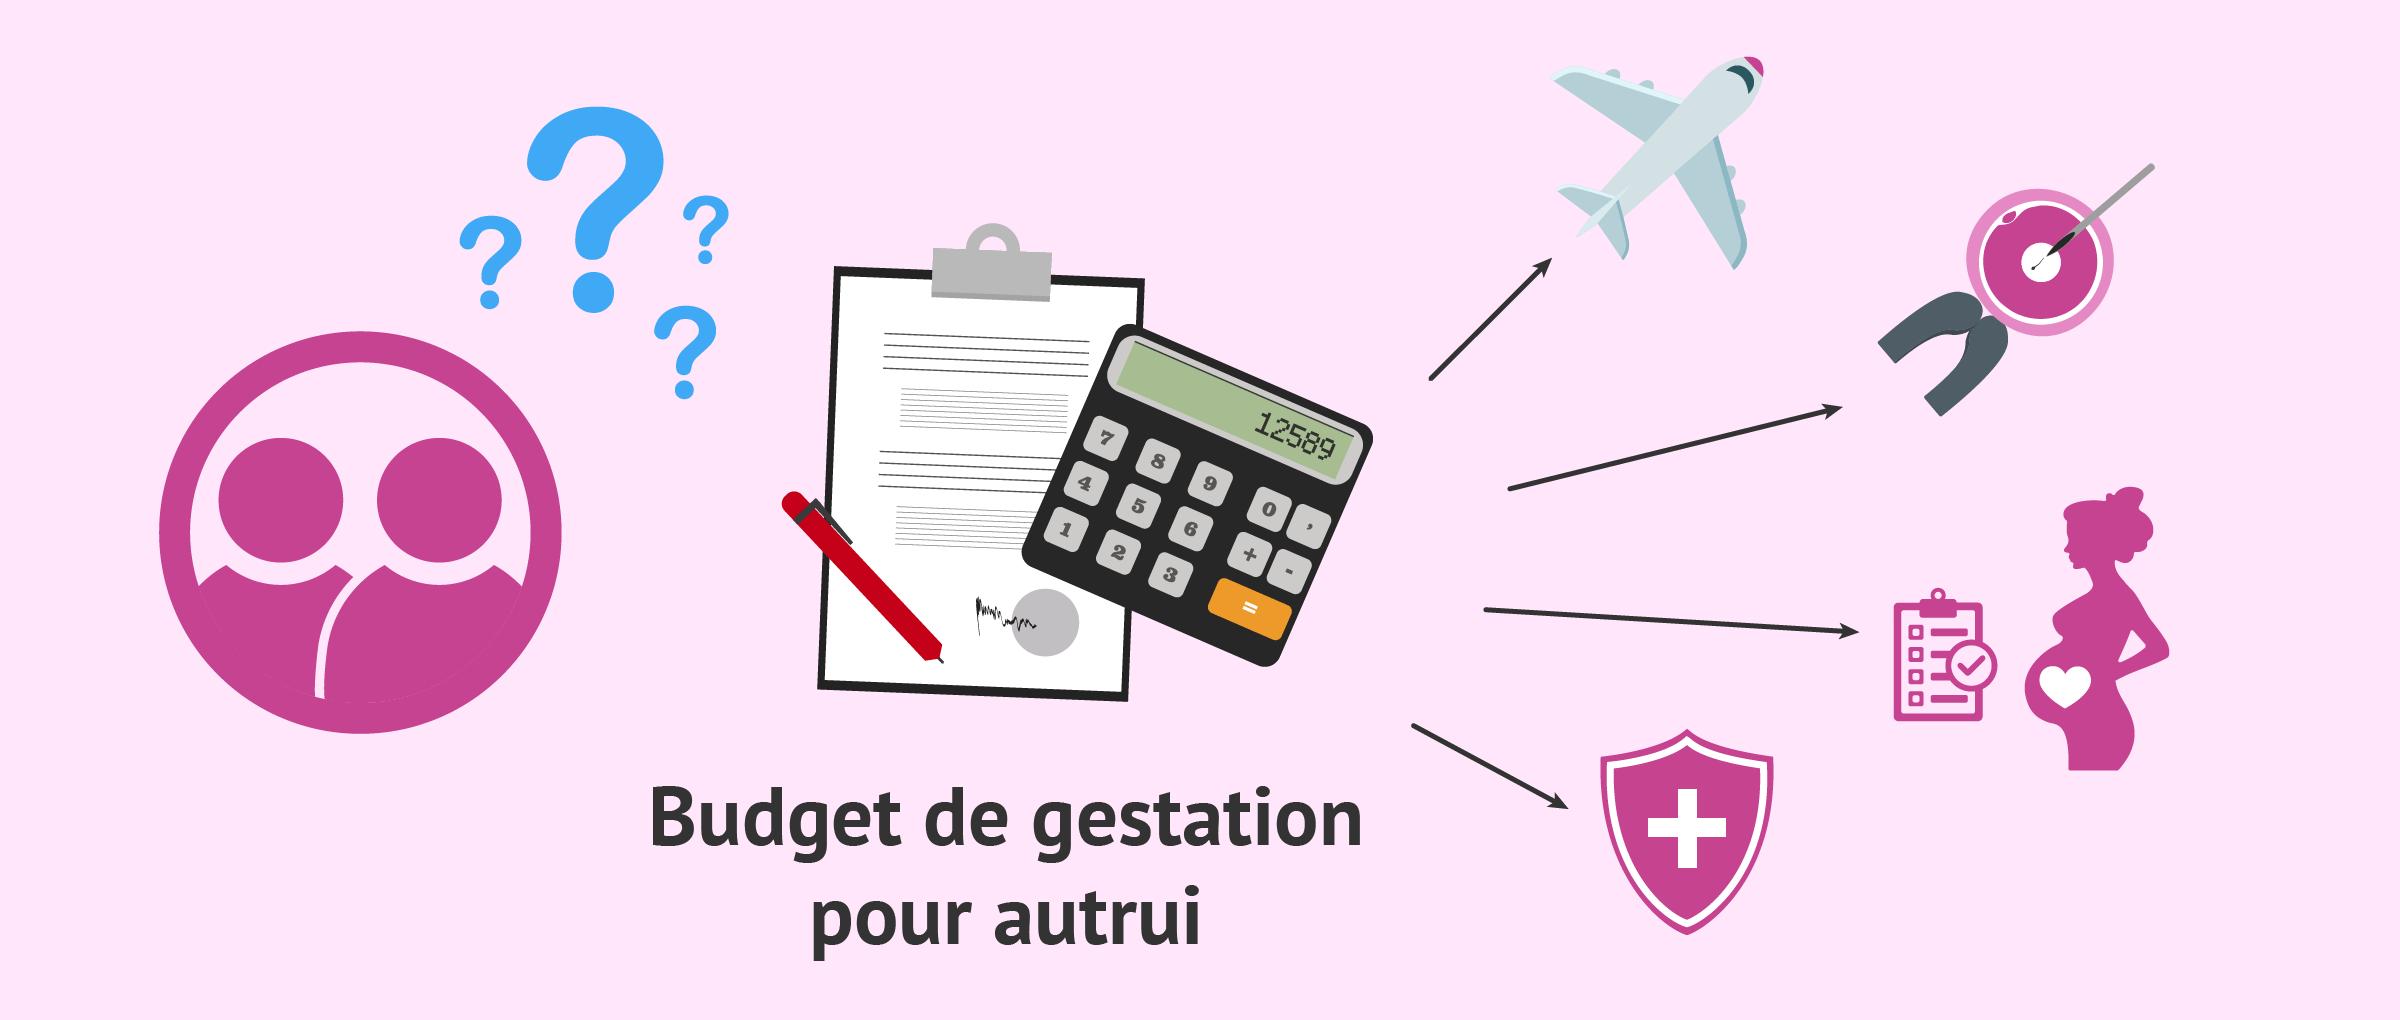 Que doit inclure un budget complet de gestation pour autrui?